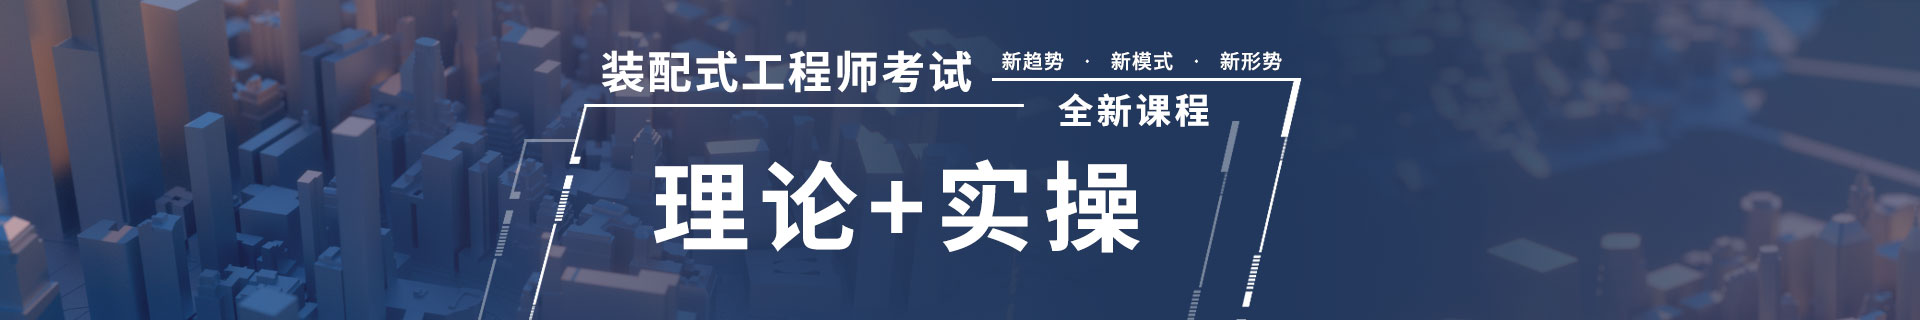 浙江宁波优路教育培训学校